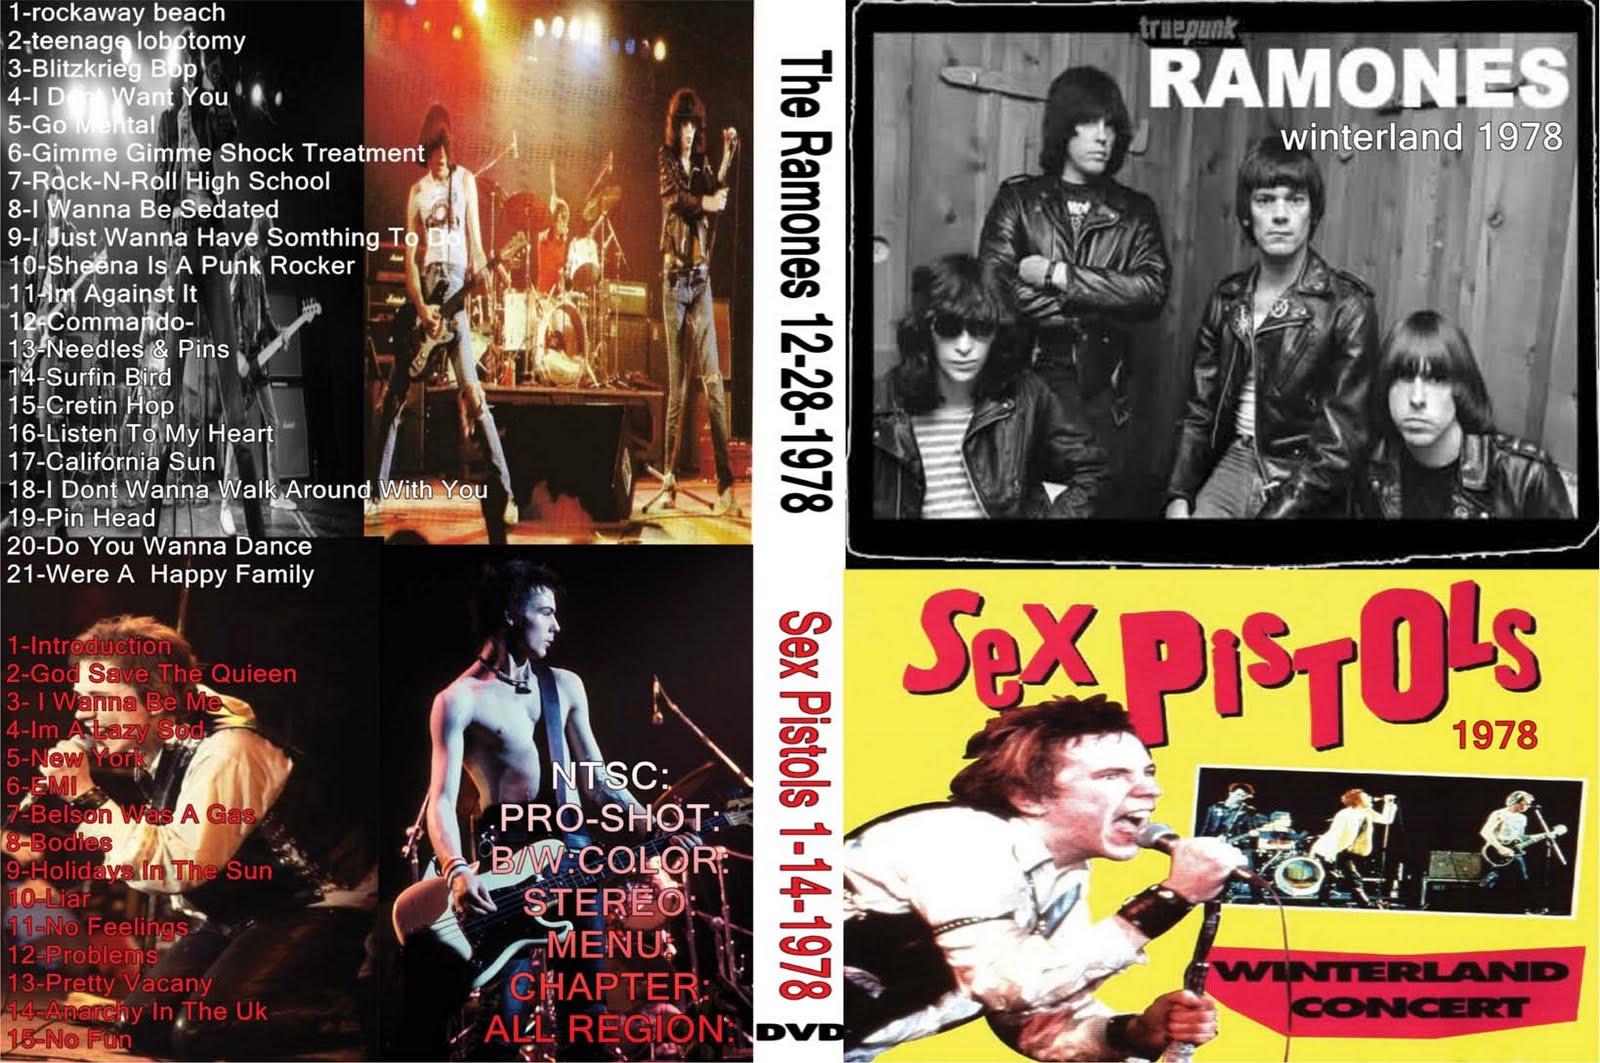 Ramones Sex Pistols 38